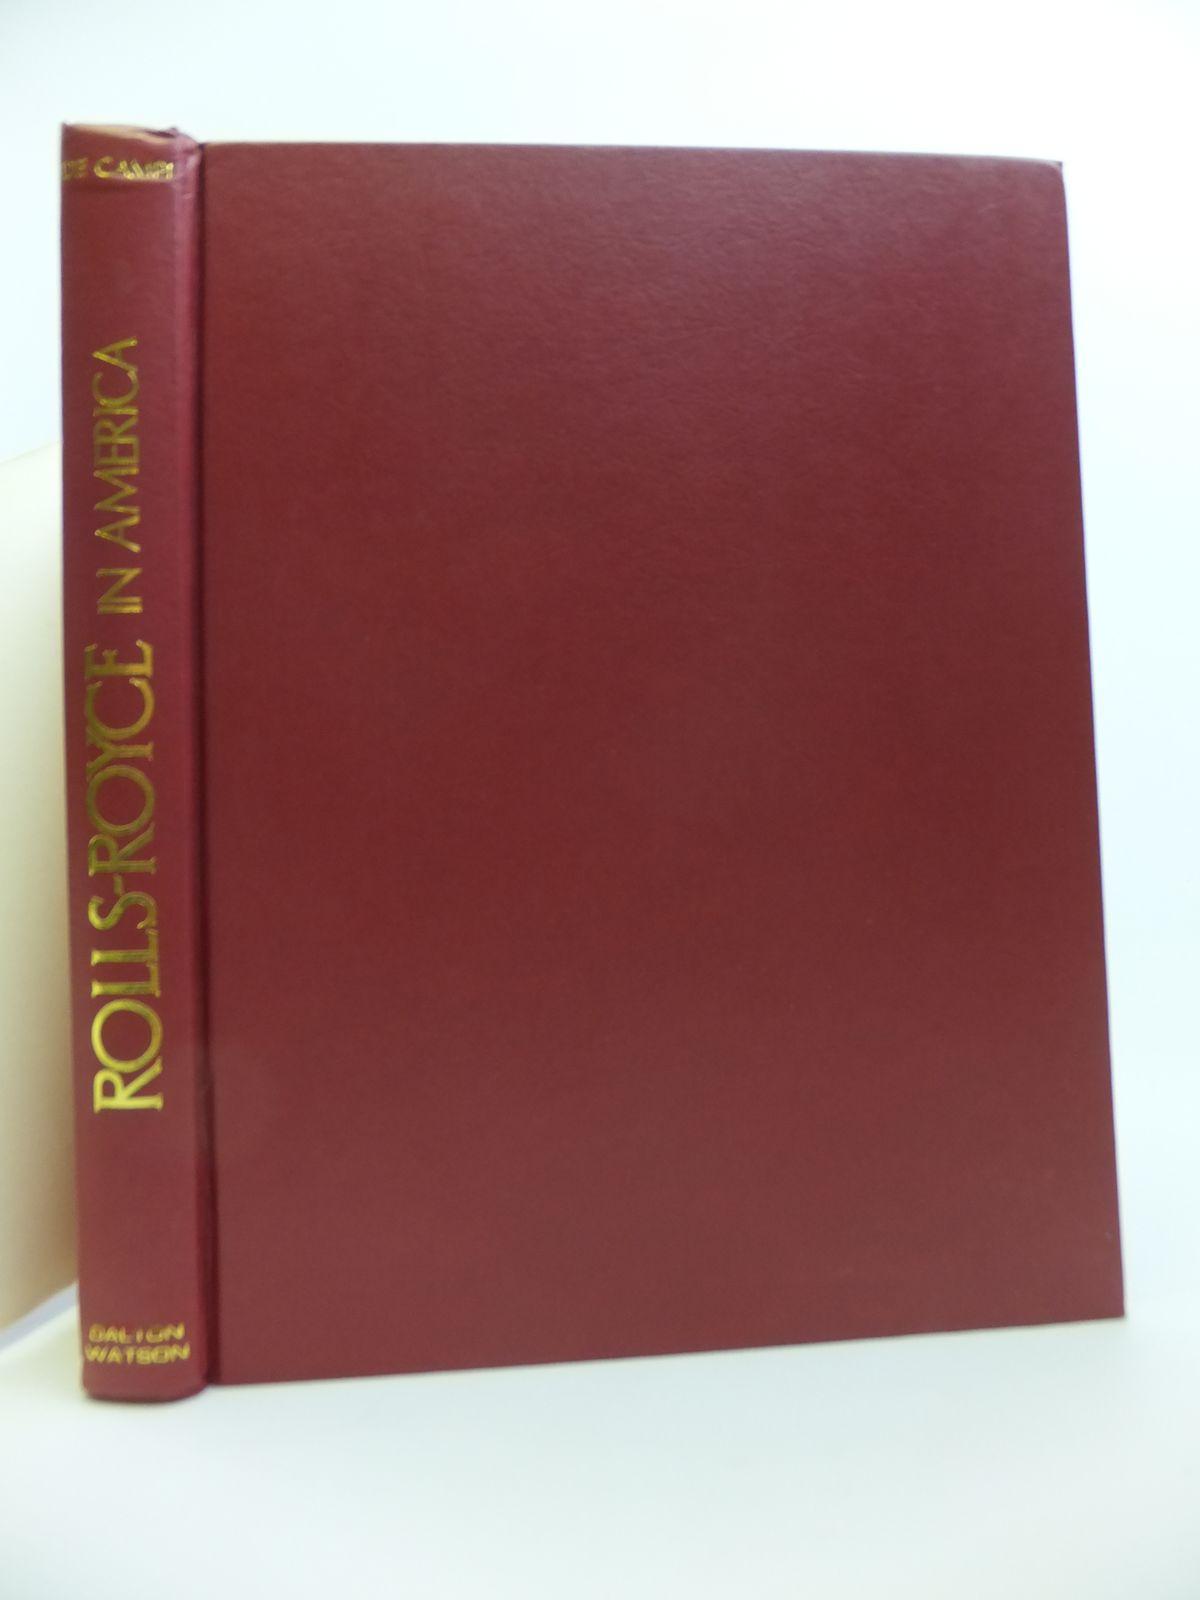 Photo of ROLLS-ROYCE IN AMERICA written by De Campi, John Webb published by Dalton Watson (STOCK CODE: 1811907)  for sale by Stella & Rose's Books